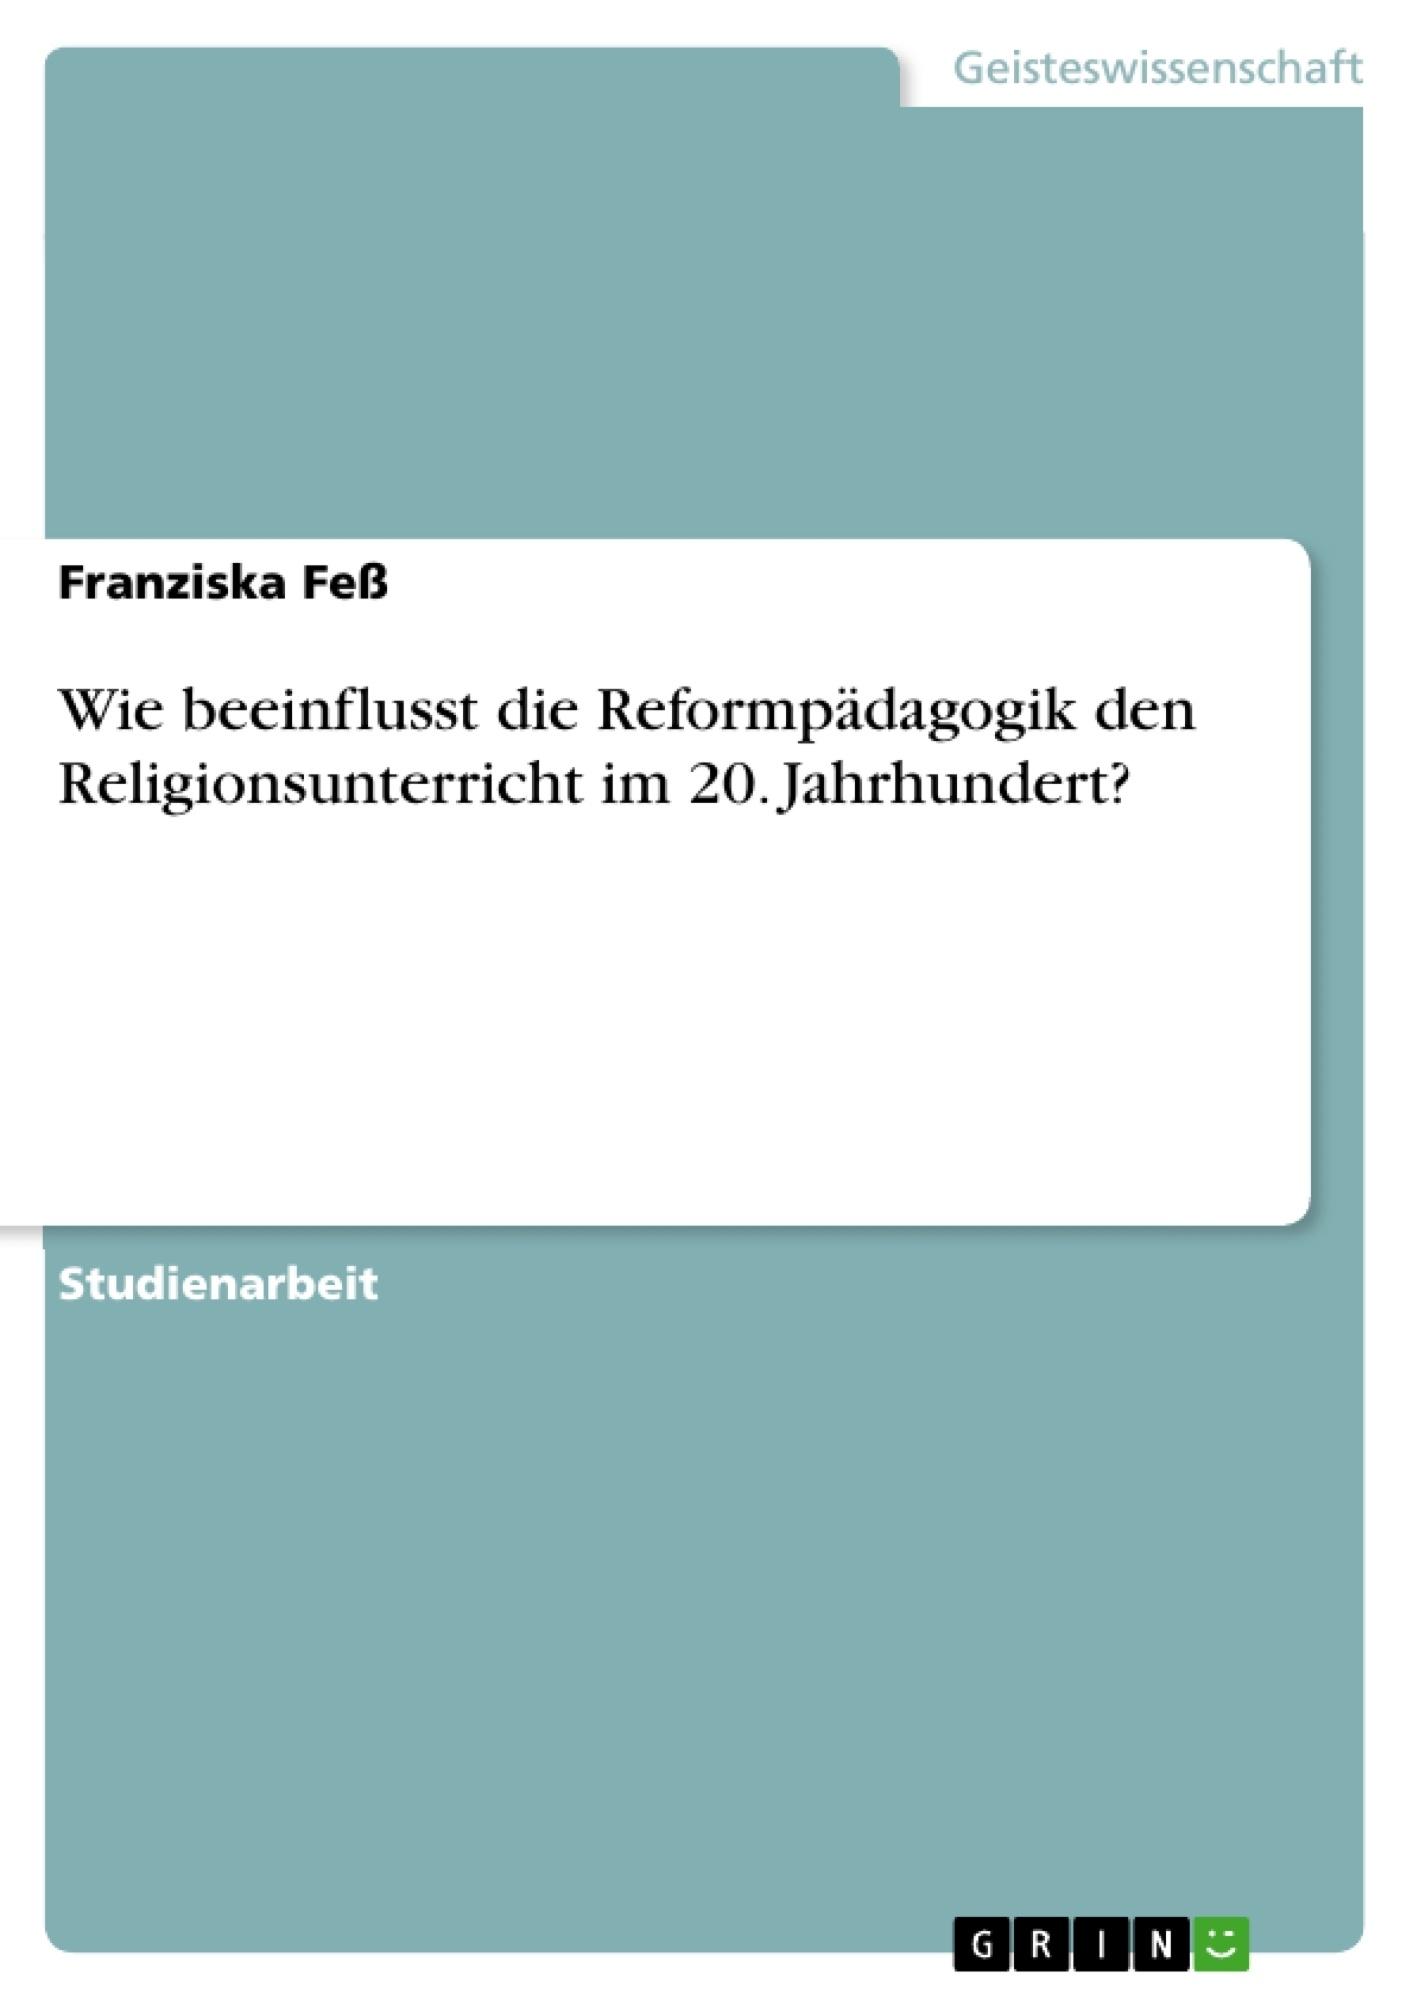 Titel: Wie beeinflusst die Reformpädagogik den Religionsunterricht im 20. Jahrhundert?